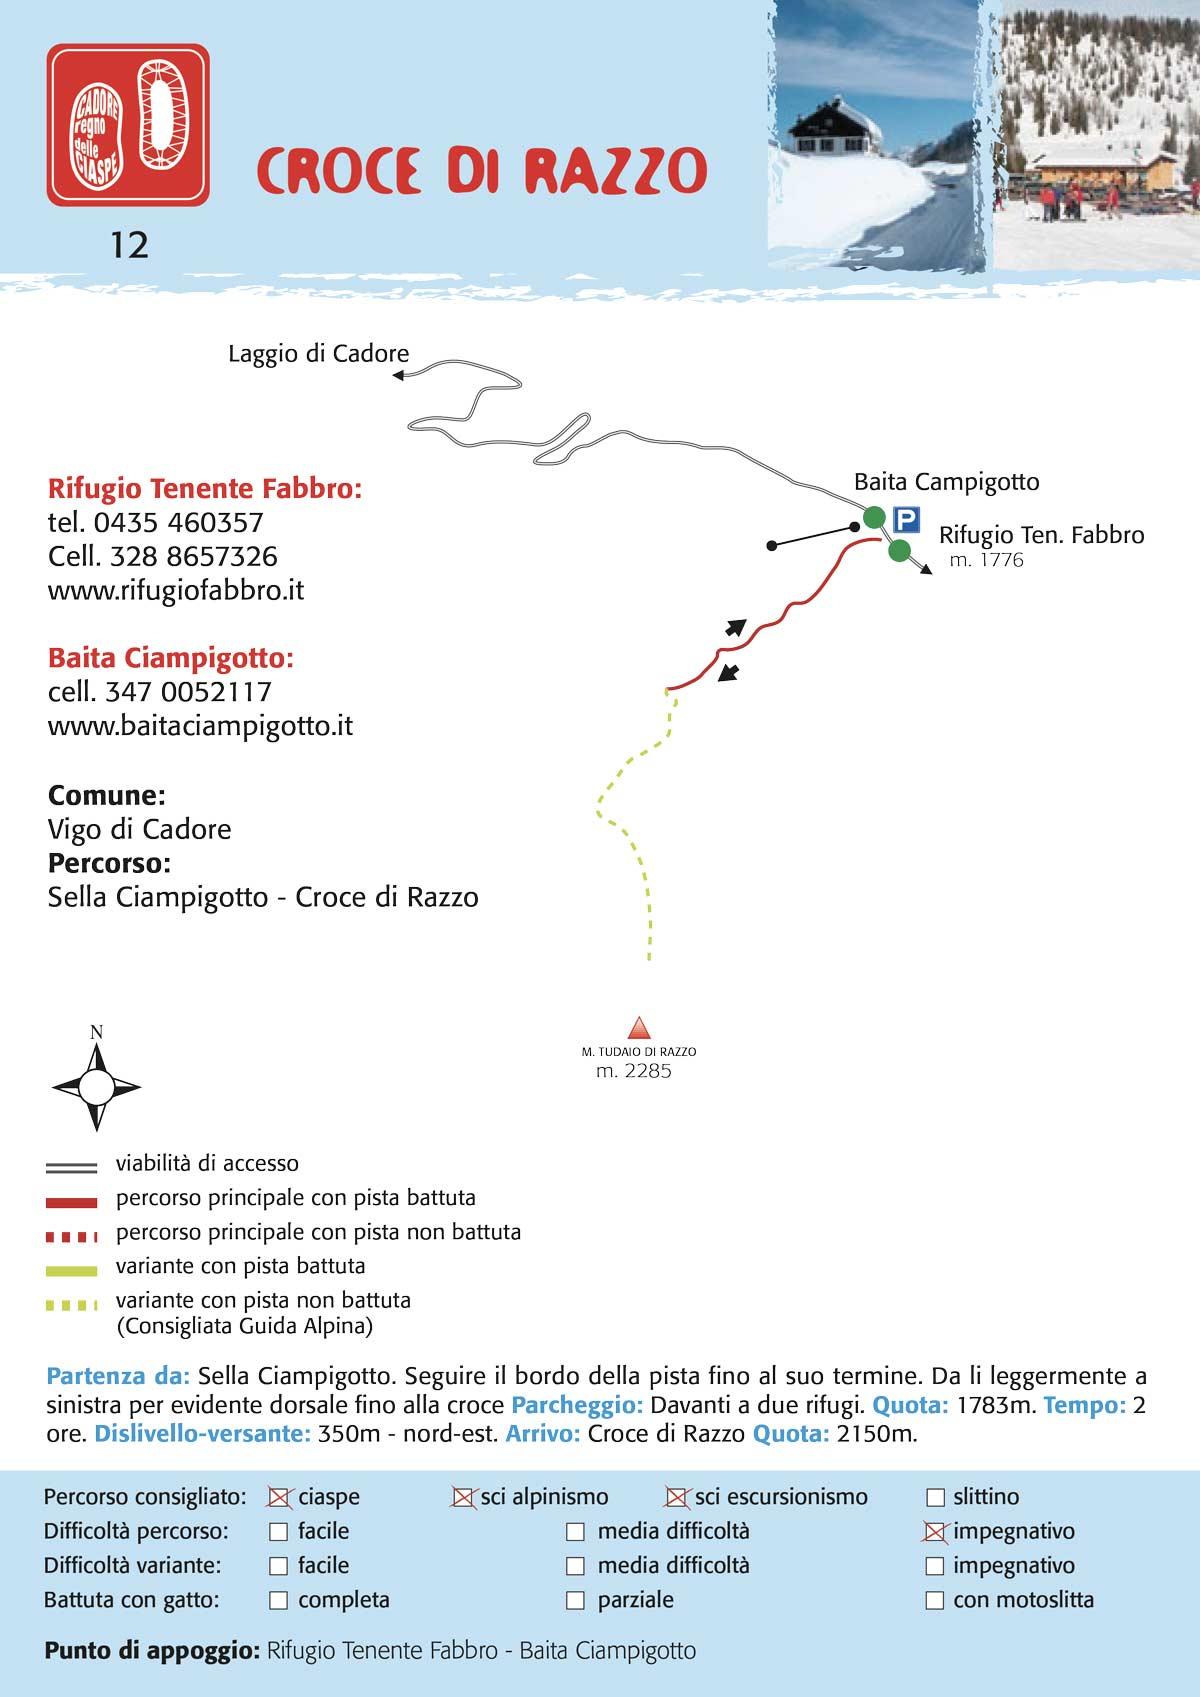 Croce di Razzo | Percorso per ciaspe, slittino, scialpinismo